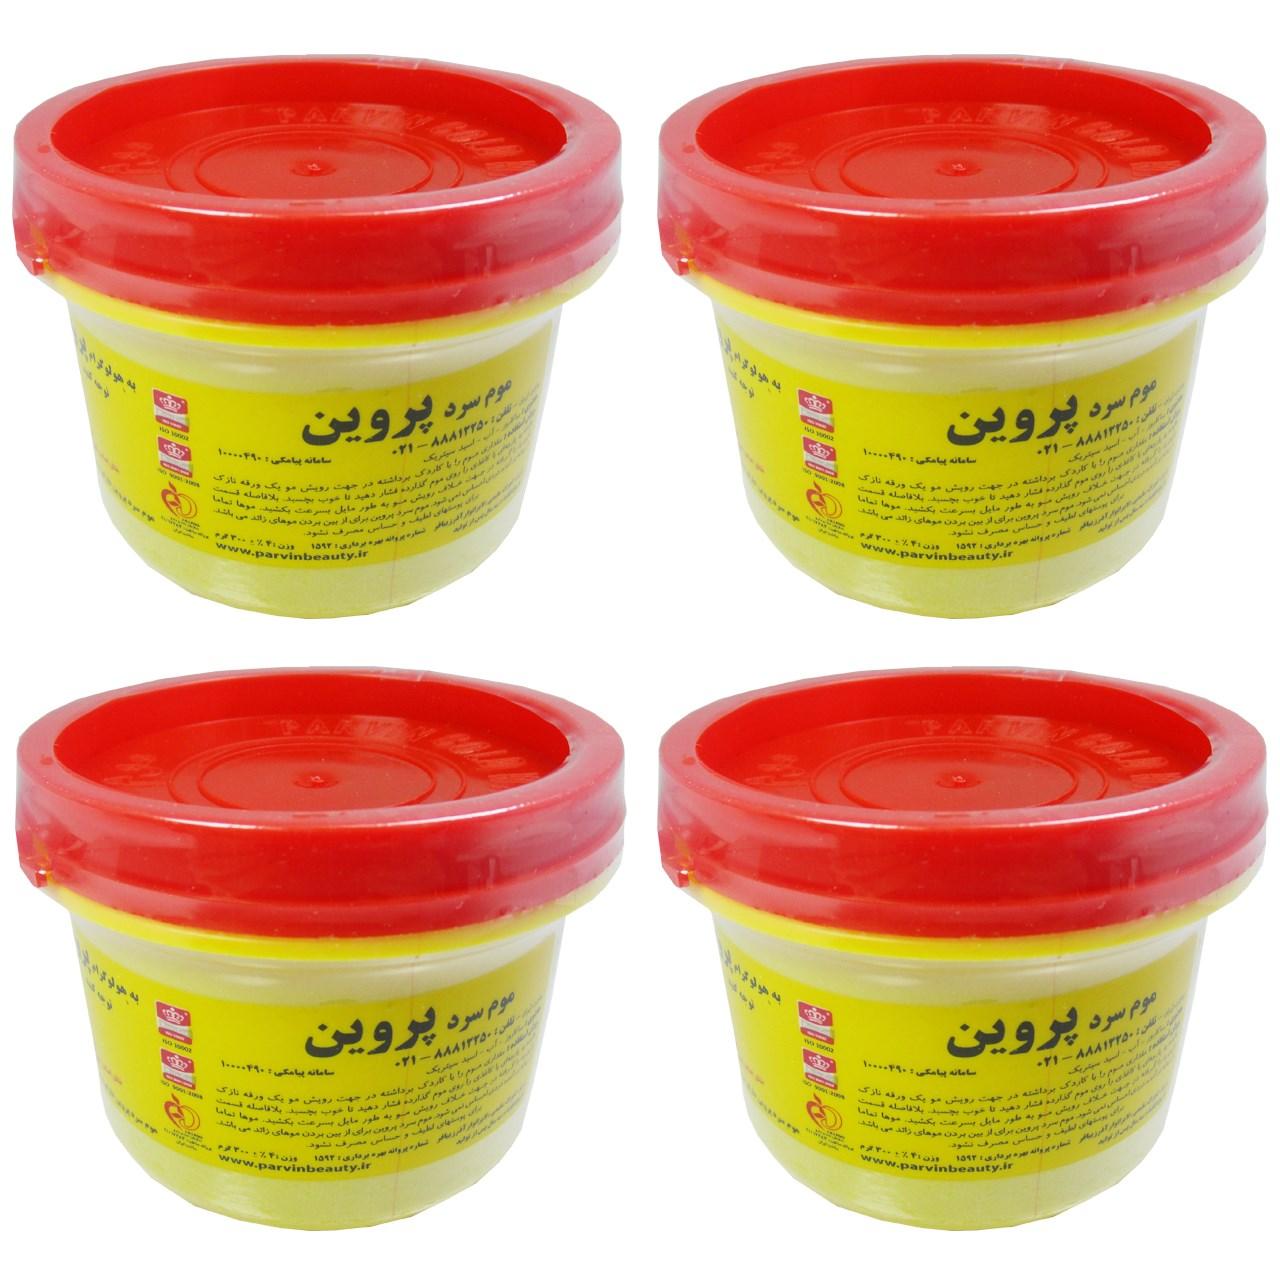 قیمت موم سرد پروین مدل Honey حجم 300 گرم مجموعه 4 عددی